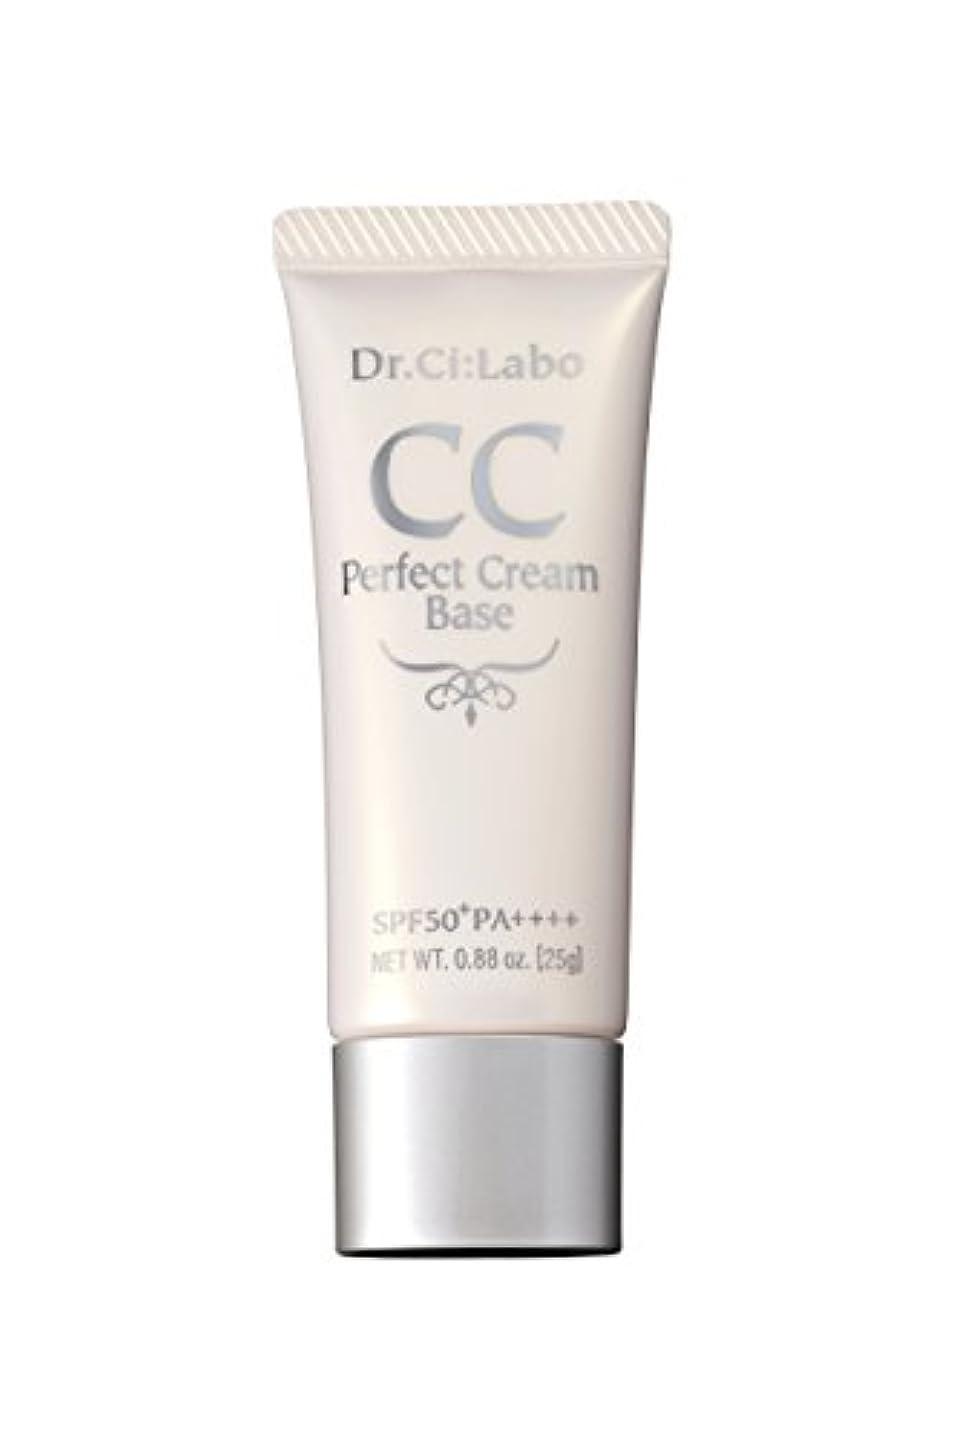 呼吸異常な不透明なドクターシーラボ CCパーフェクトクリーム ベース 皮脂吸着パウダー配合 日焼け止め 化粧下地 ファンデーション